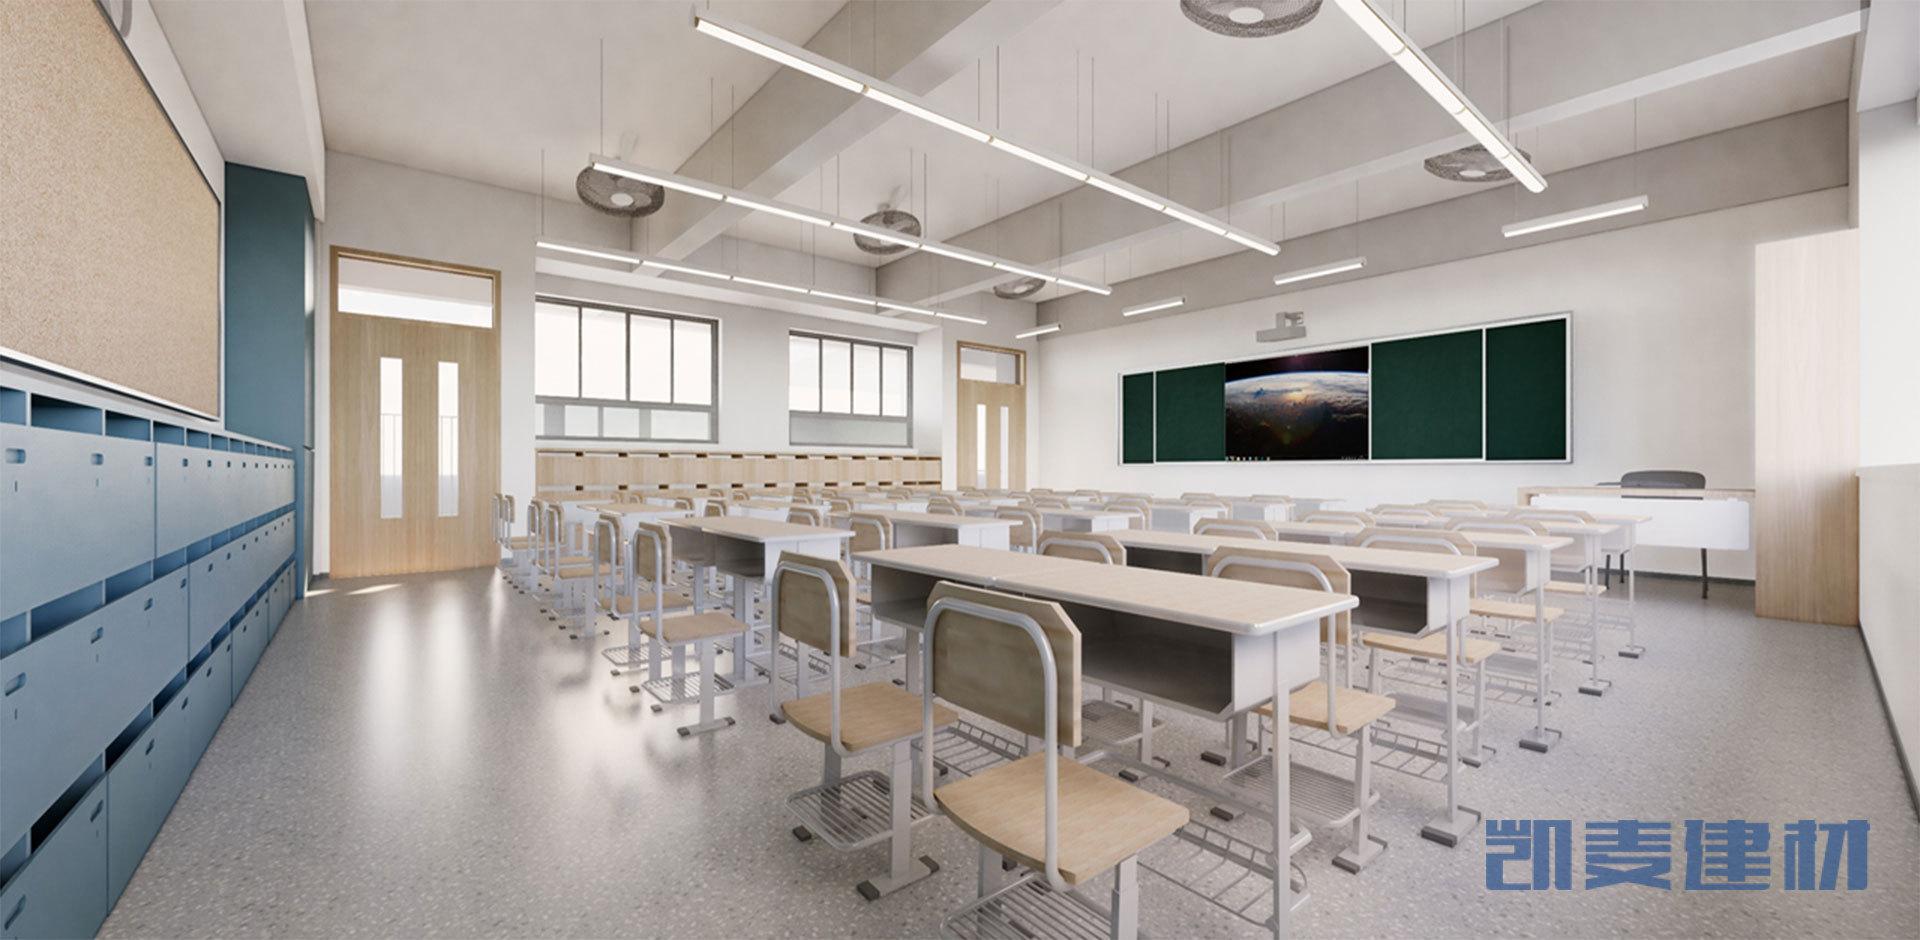 简约型教室吊顶